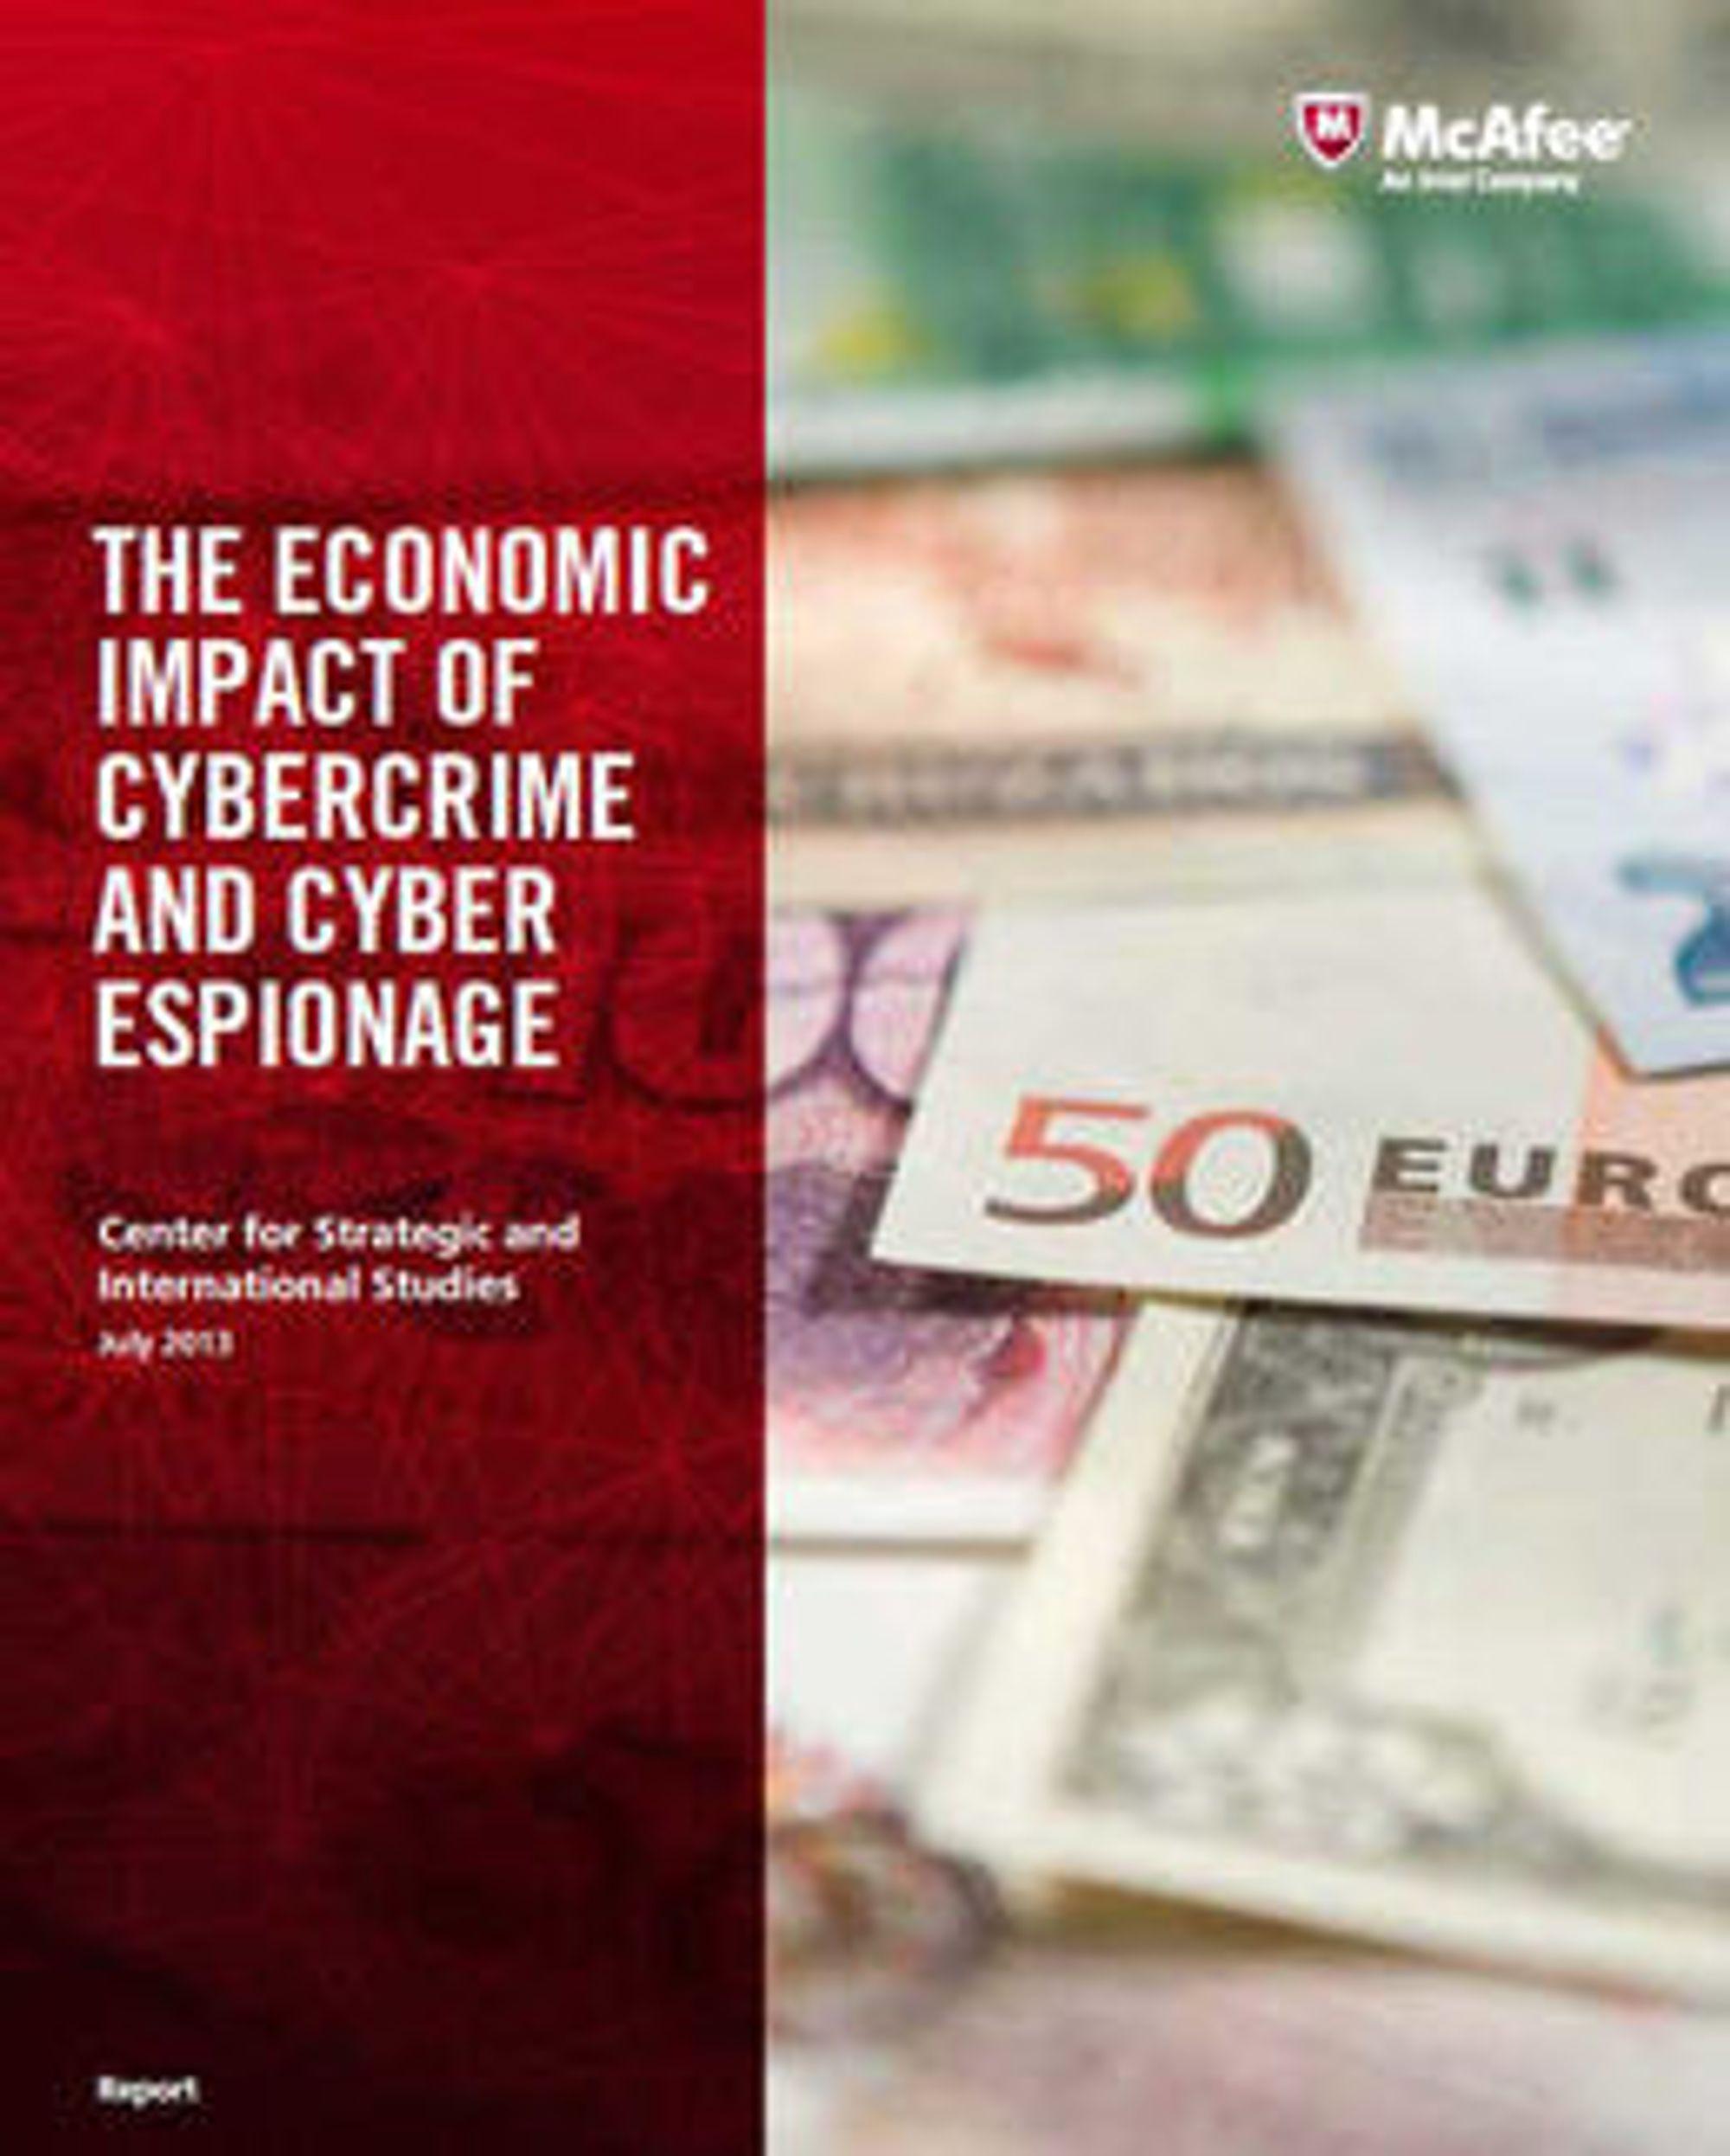 Rapporten kan være startskuddet for mer realistiske økonomiske analyser fra IT-sikkerhetsbransjen.